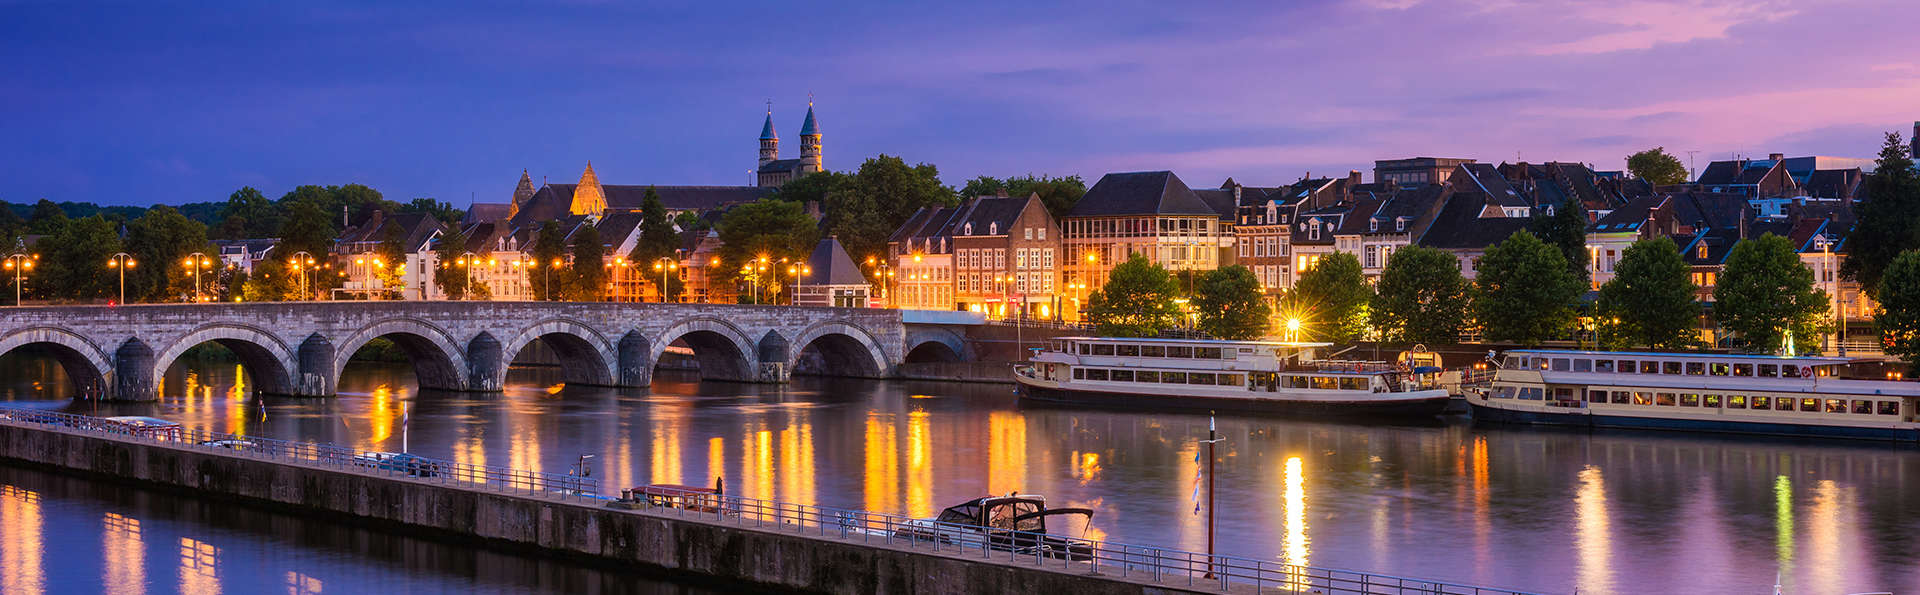 Ibis Budget Stein Maastricht - EDIT_MAASTRICHT15.jpg